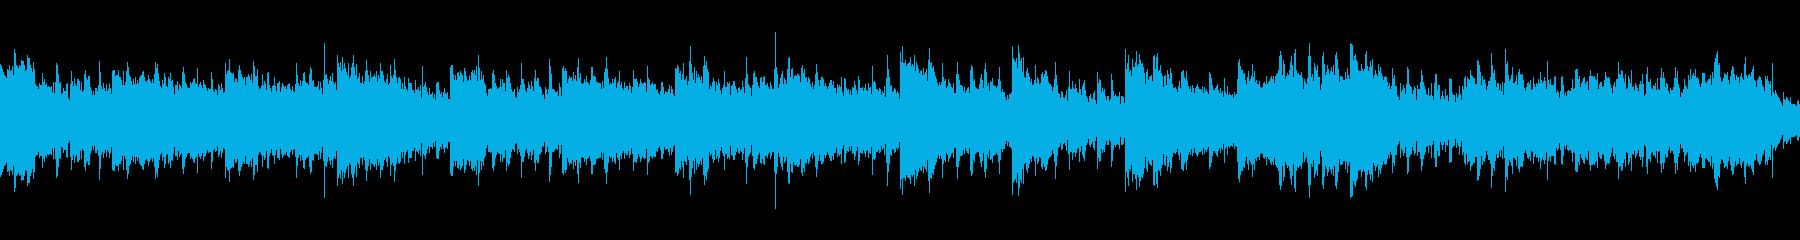 魔王の城をイメージしたホラー系BGMの再生済みの波形